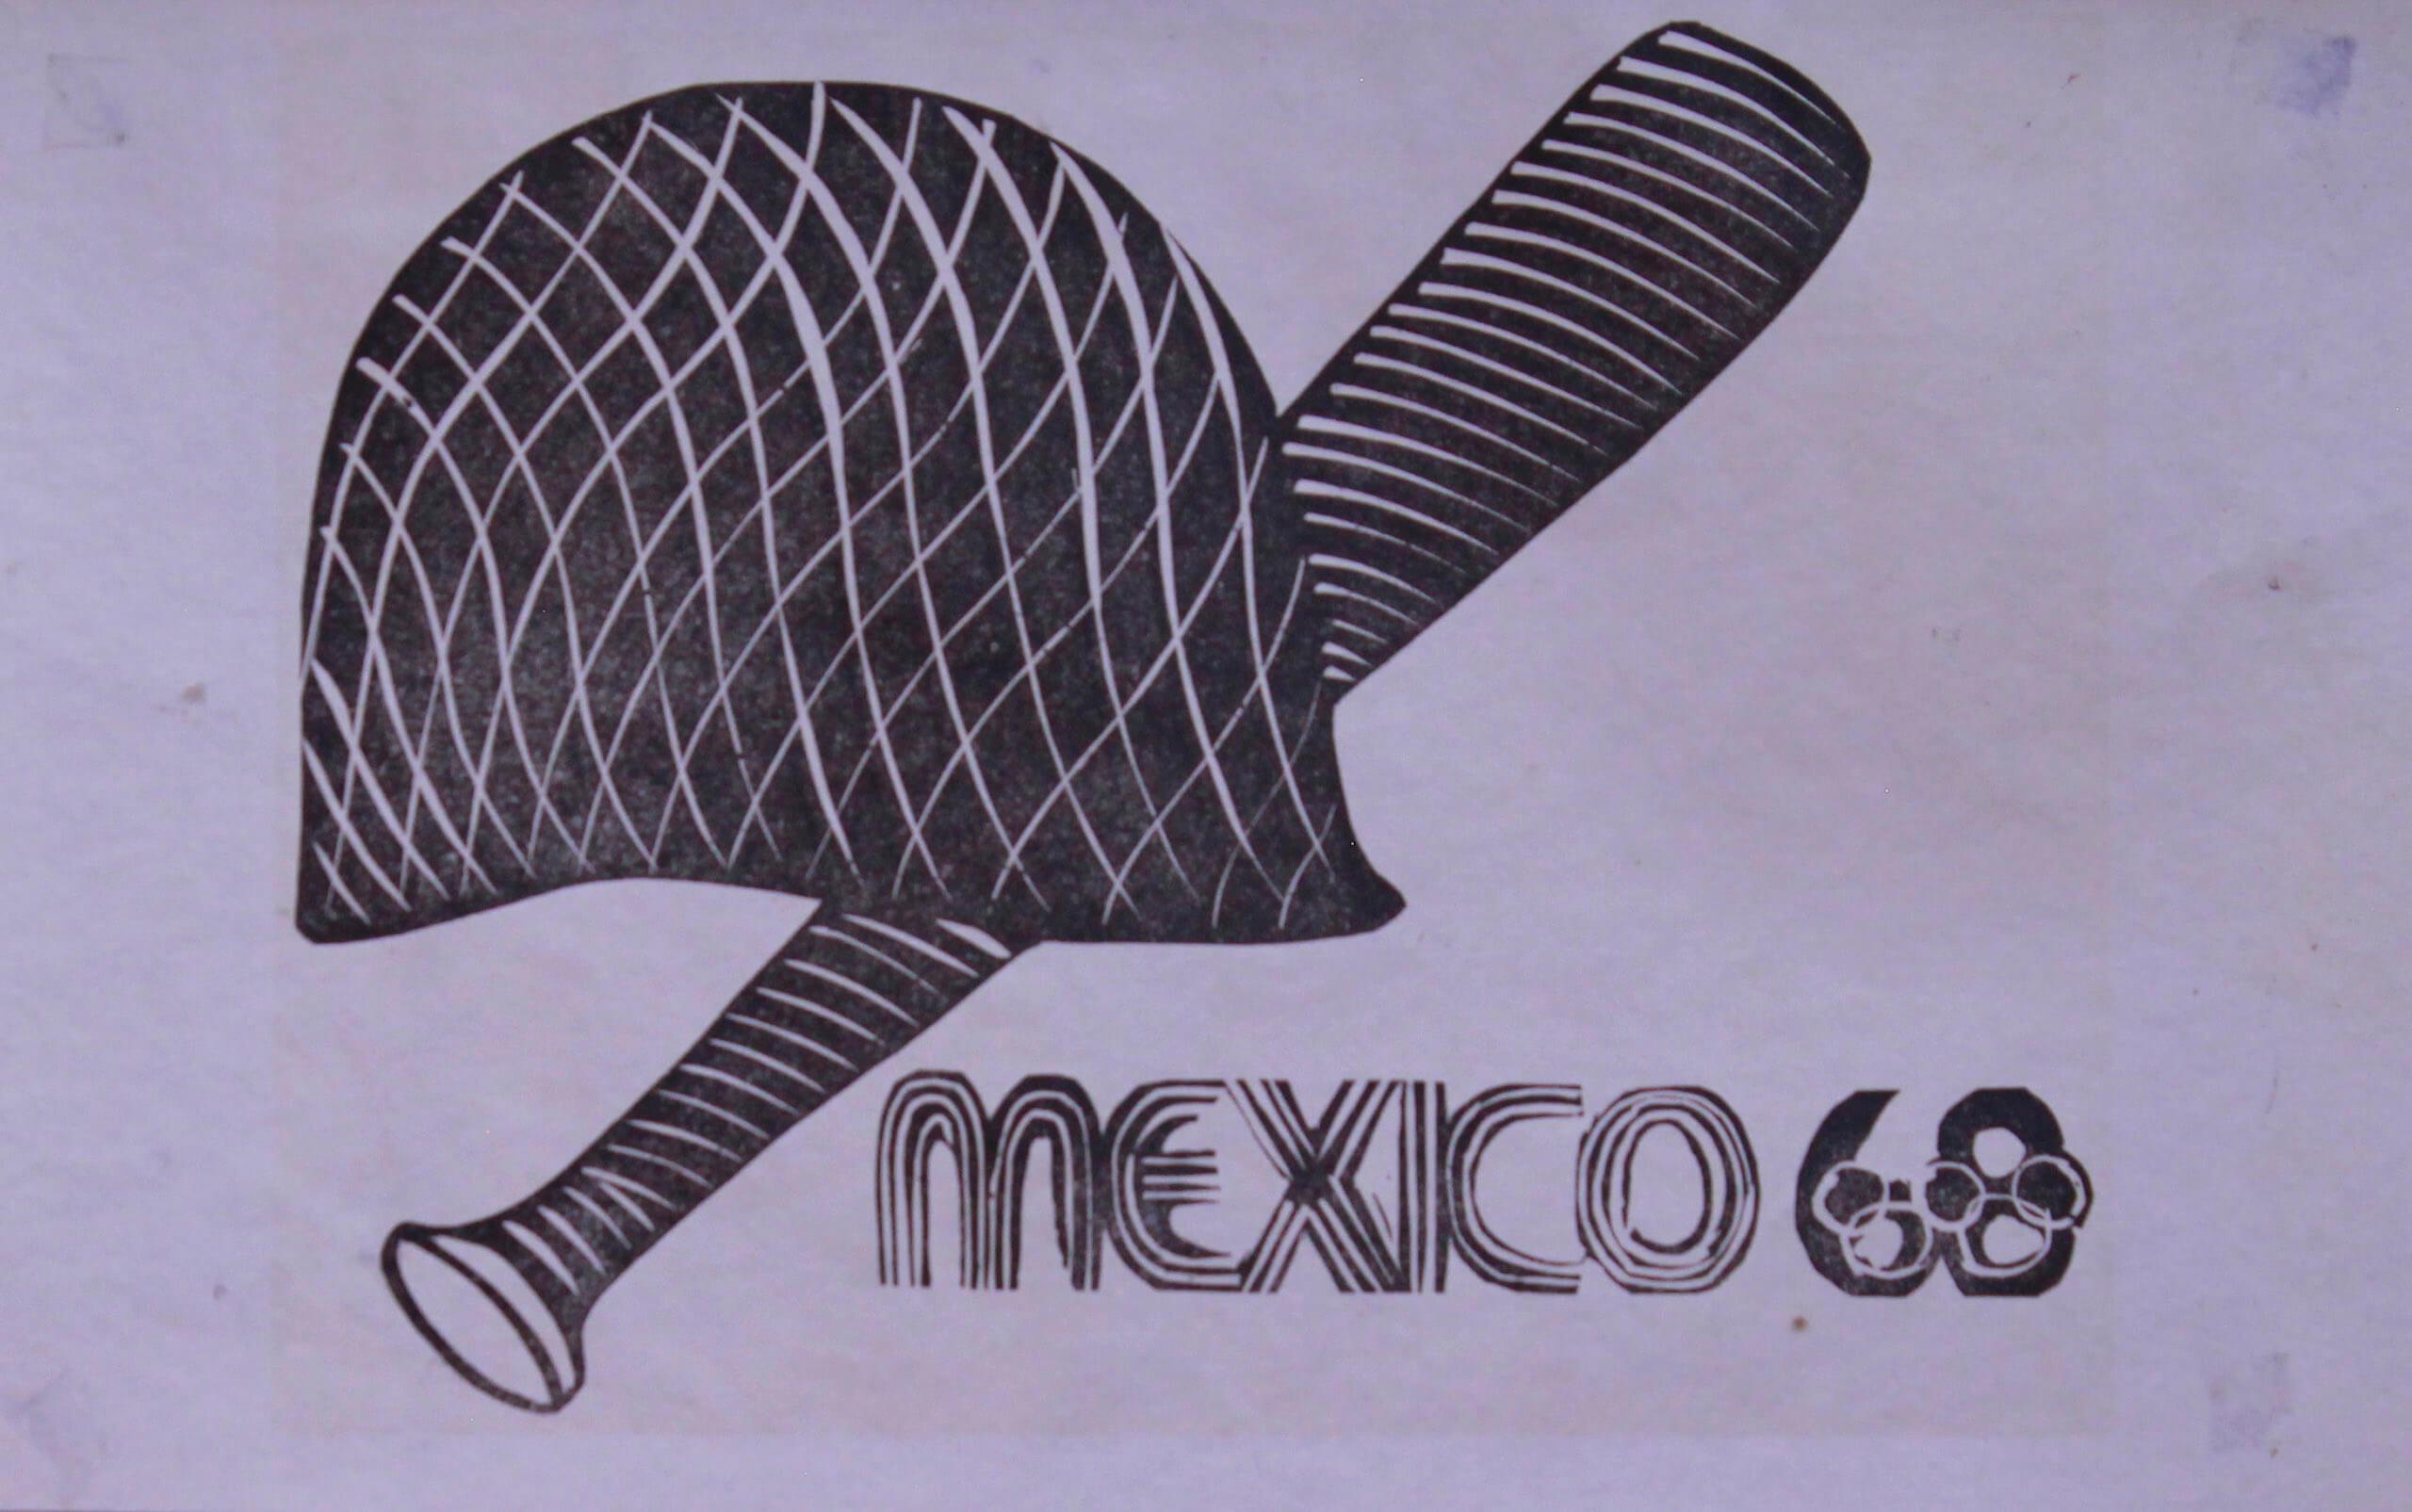 México 68 (casco y macana) | La demanda inasumible. Imaginación social y autogestión gráfica en México, 1968-2018 | Museo Amparo, Puebla